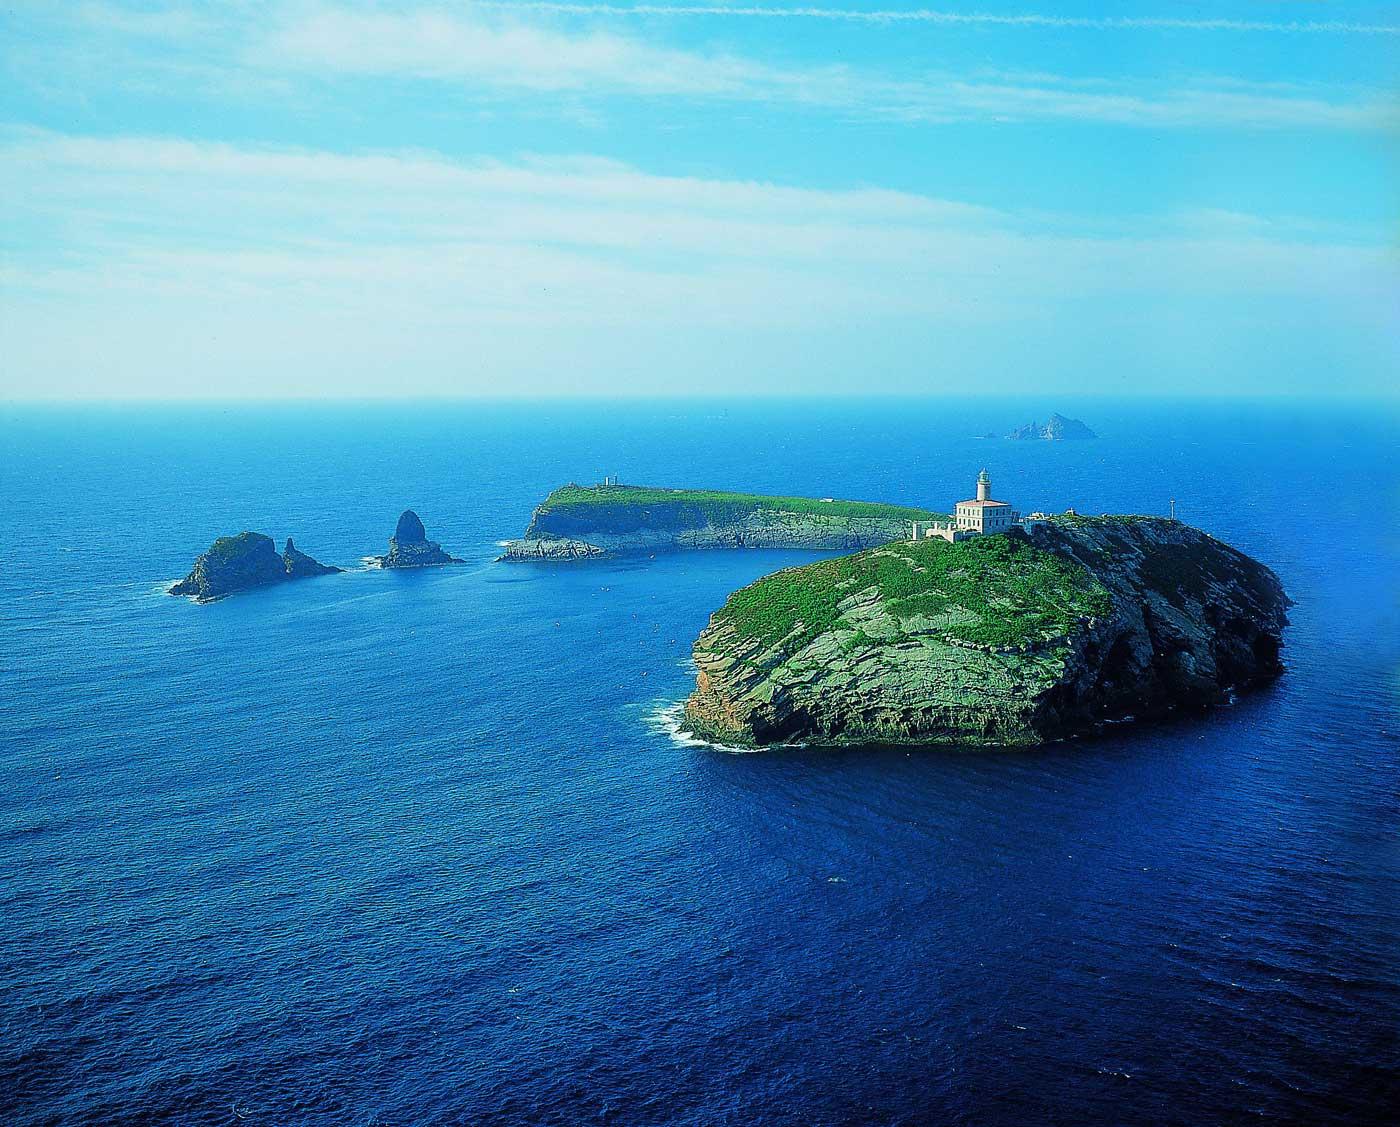 mediterraneo in barca a vela isole columbretes dall'alto